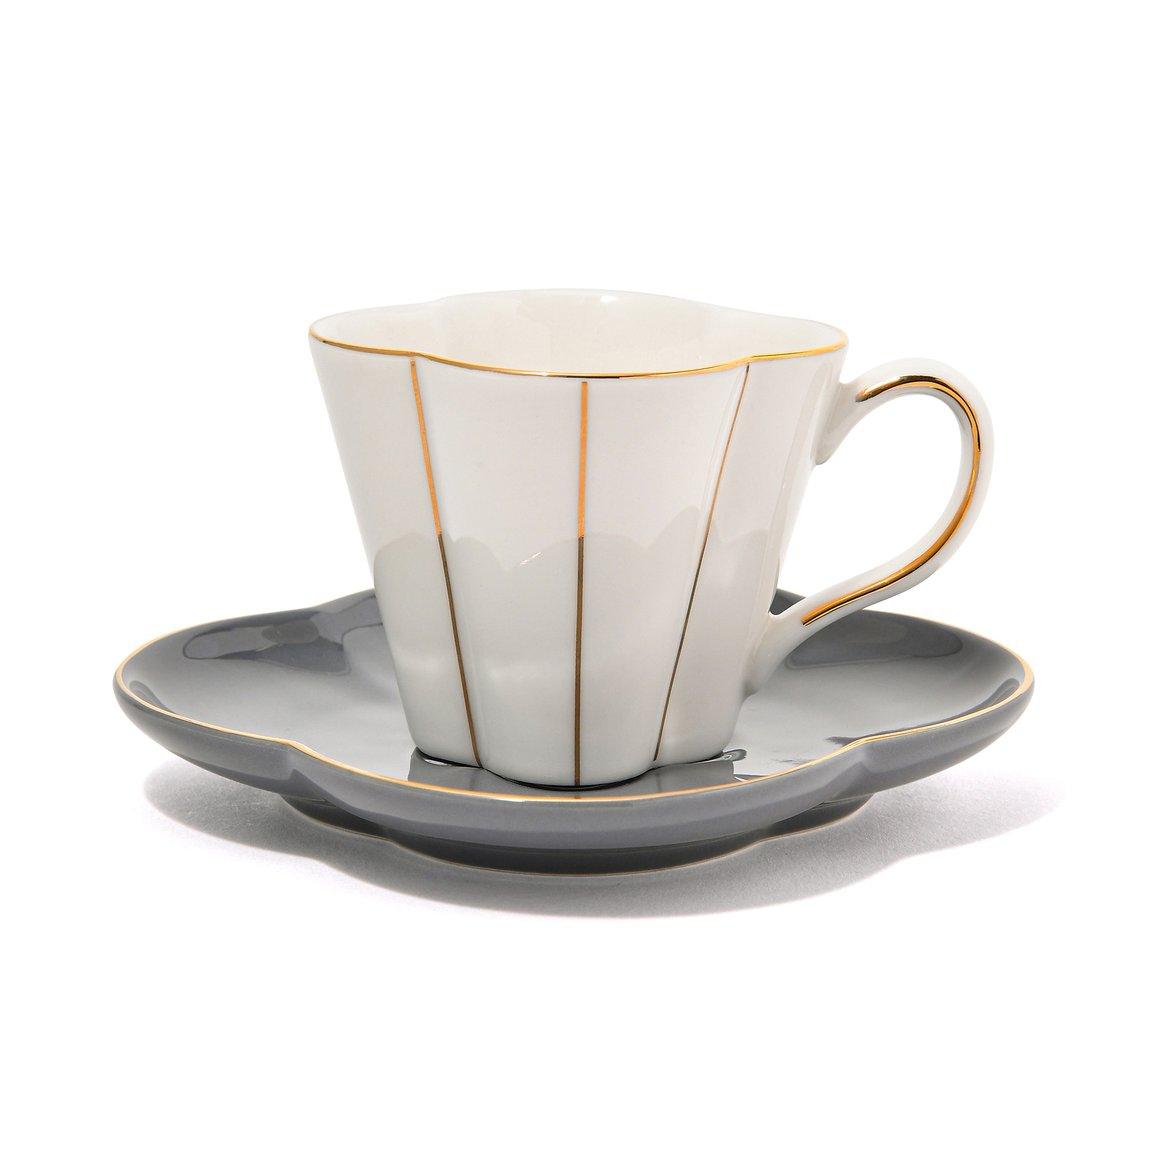 Francfranc(フランフラン) おうちカフェセット 2 personsの商品画像31